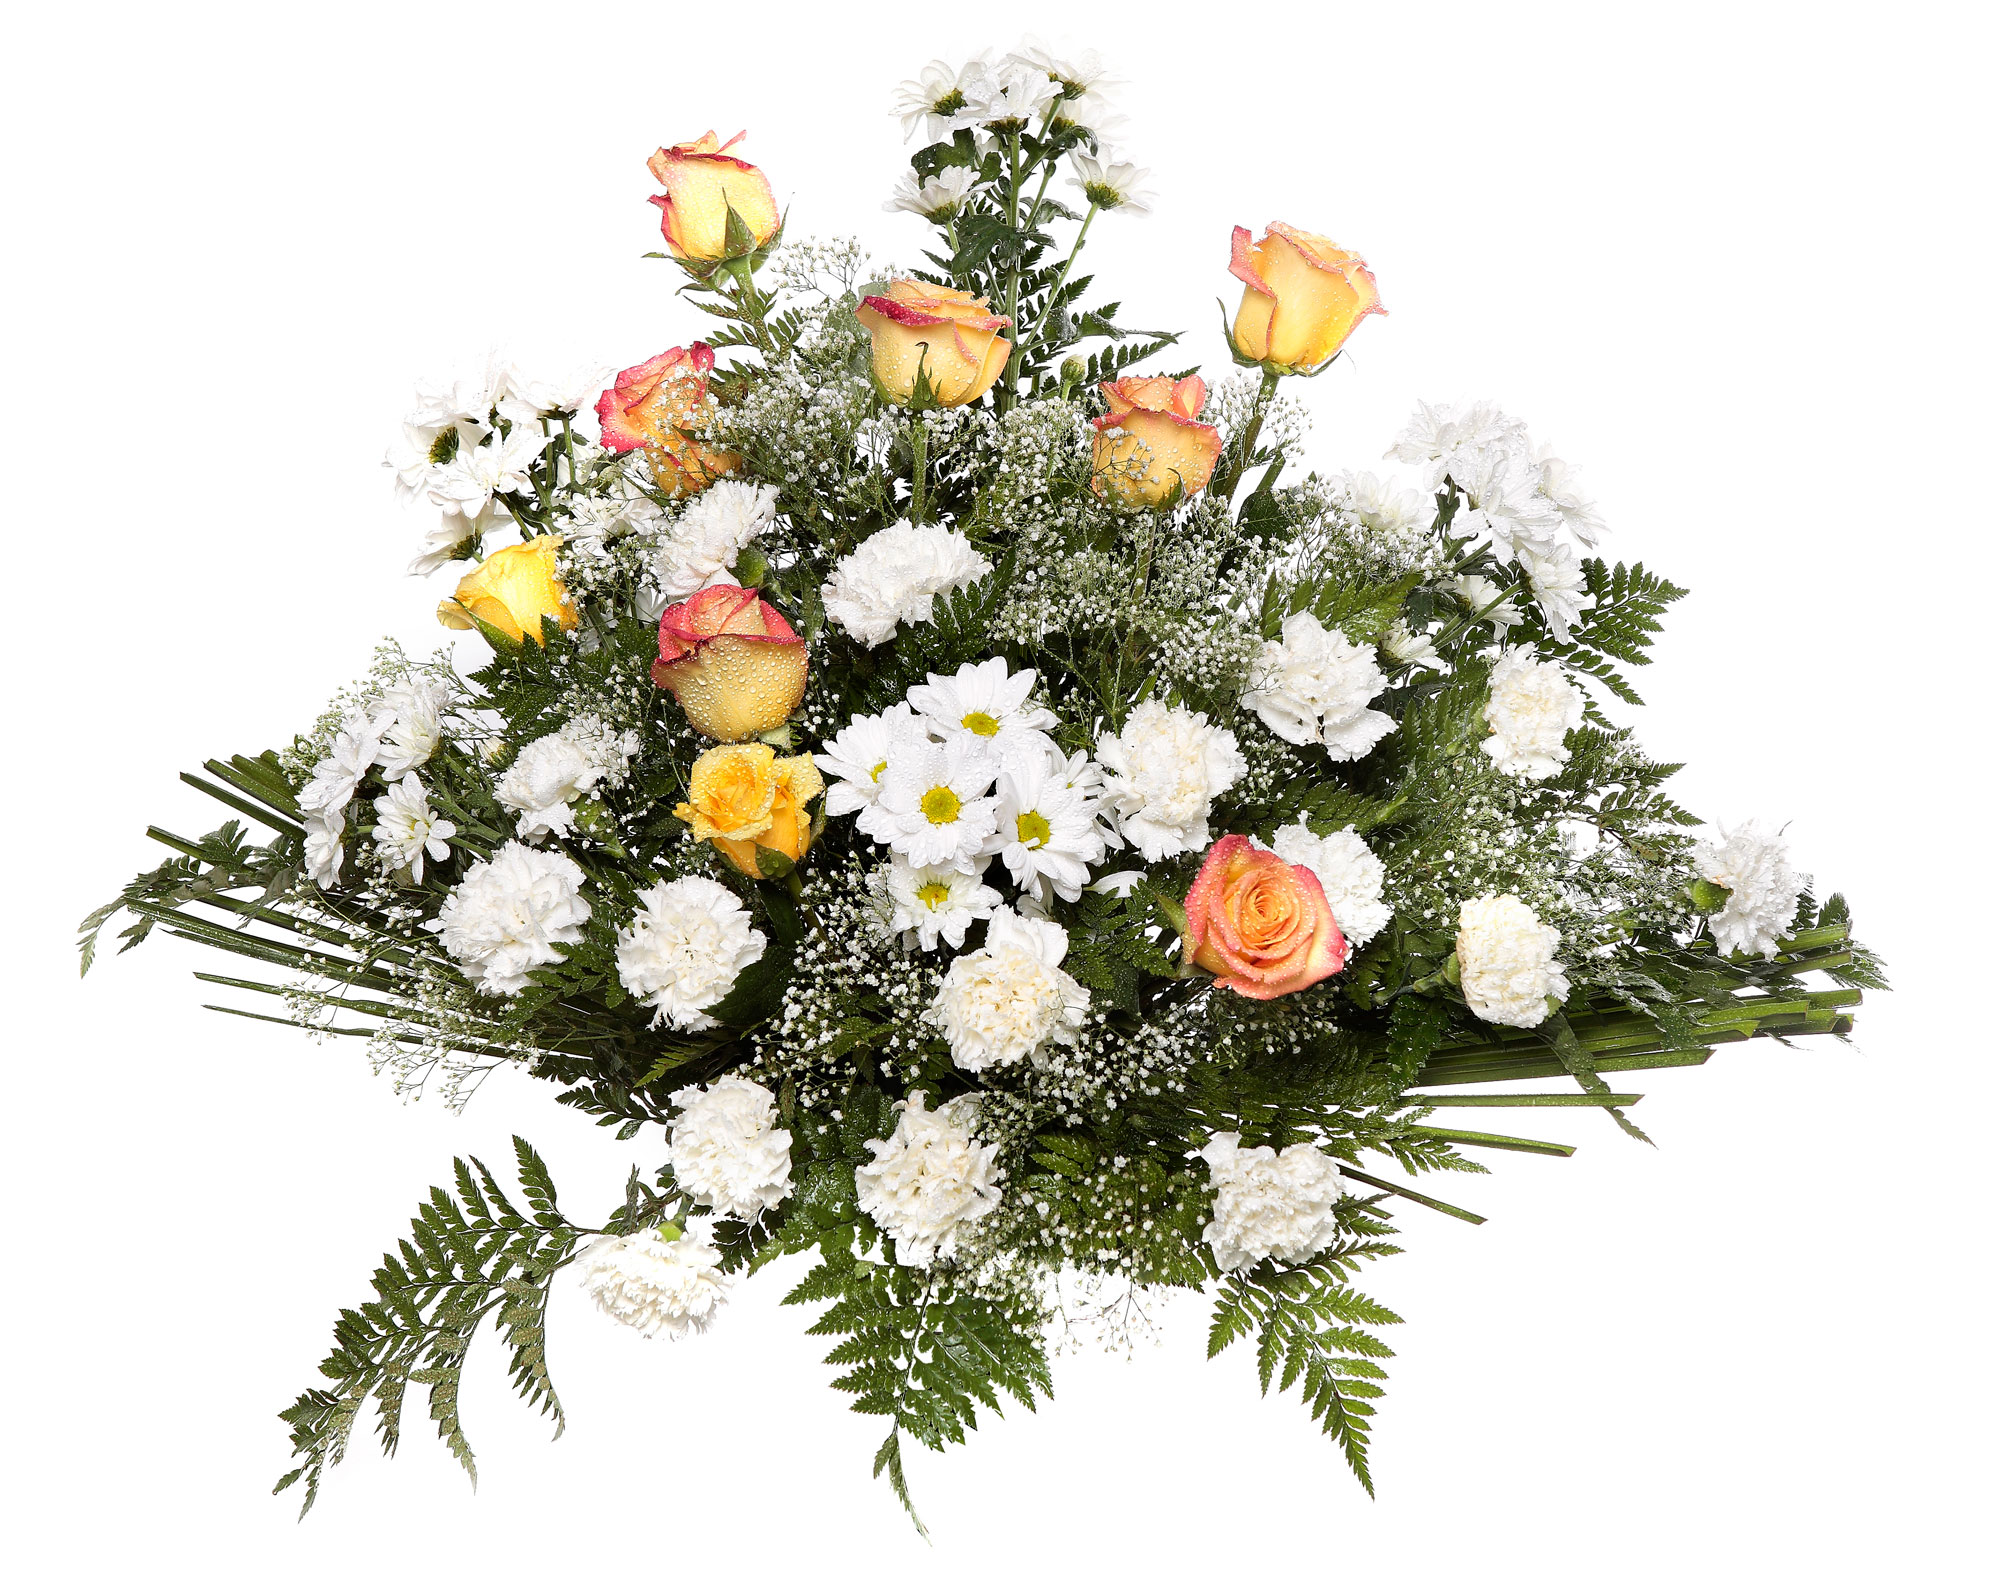 Centro flores modelo 3 tanatorio detalles tanatorios - Centros de plantas naturales ...